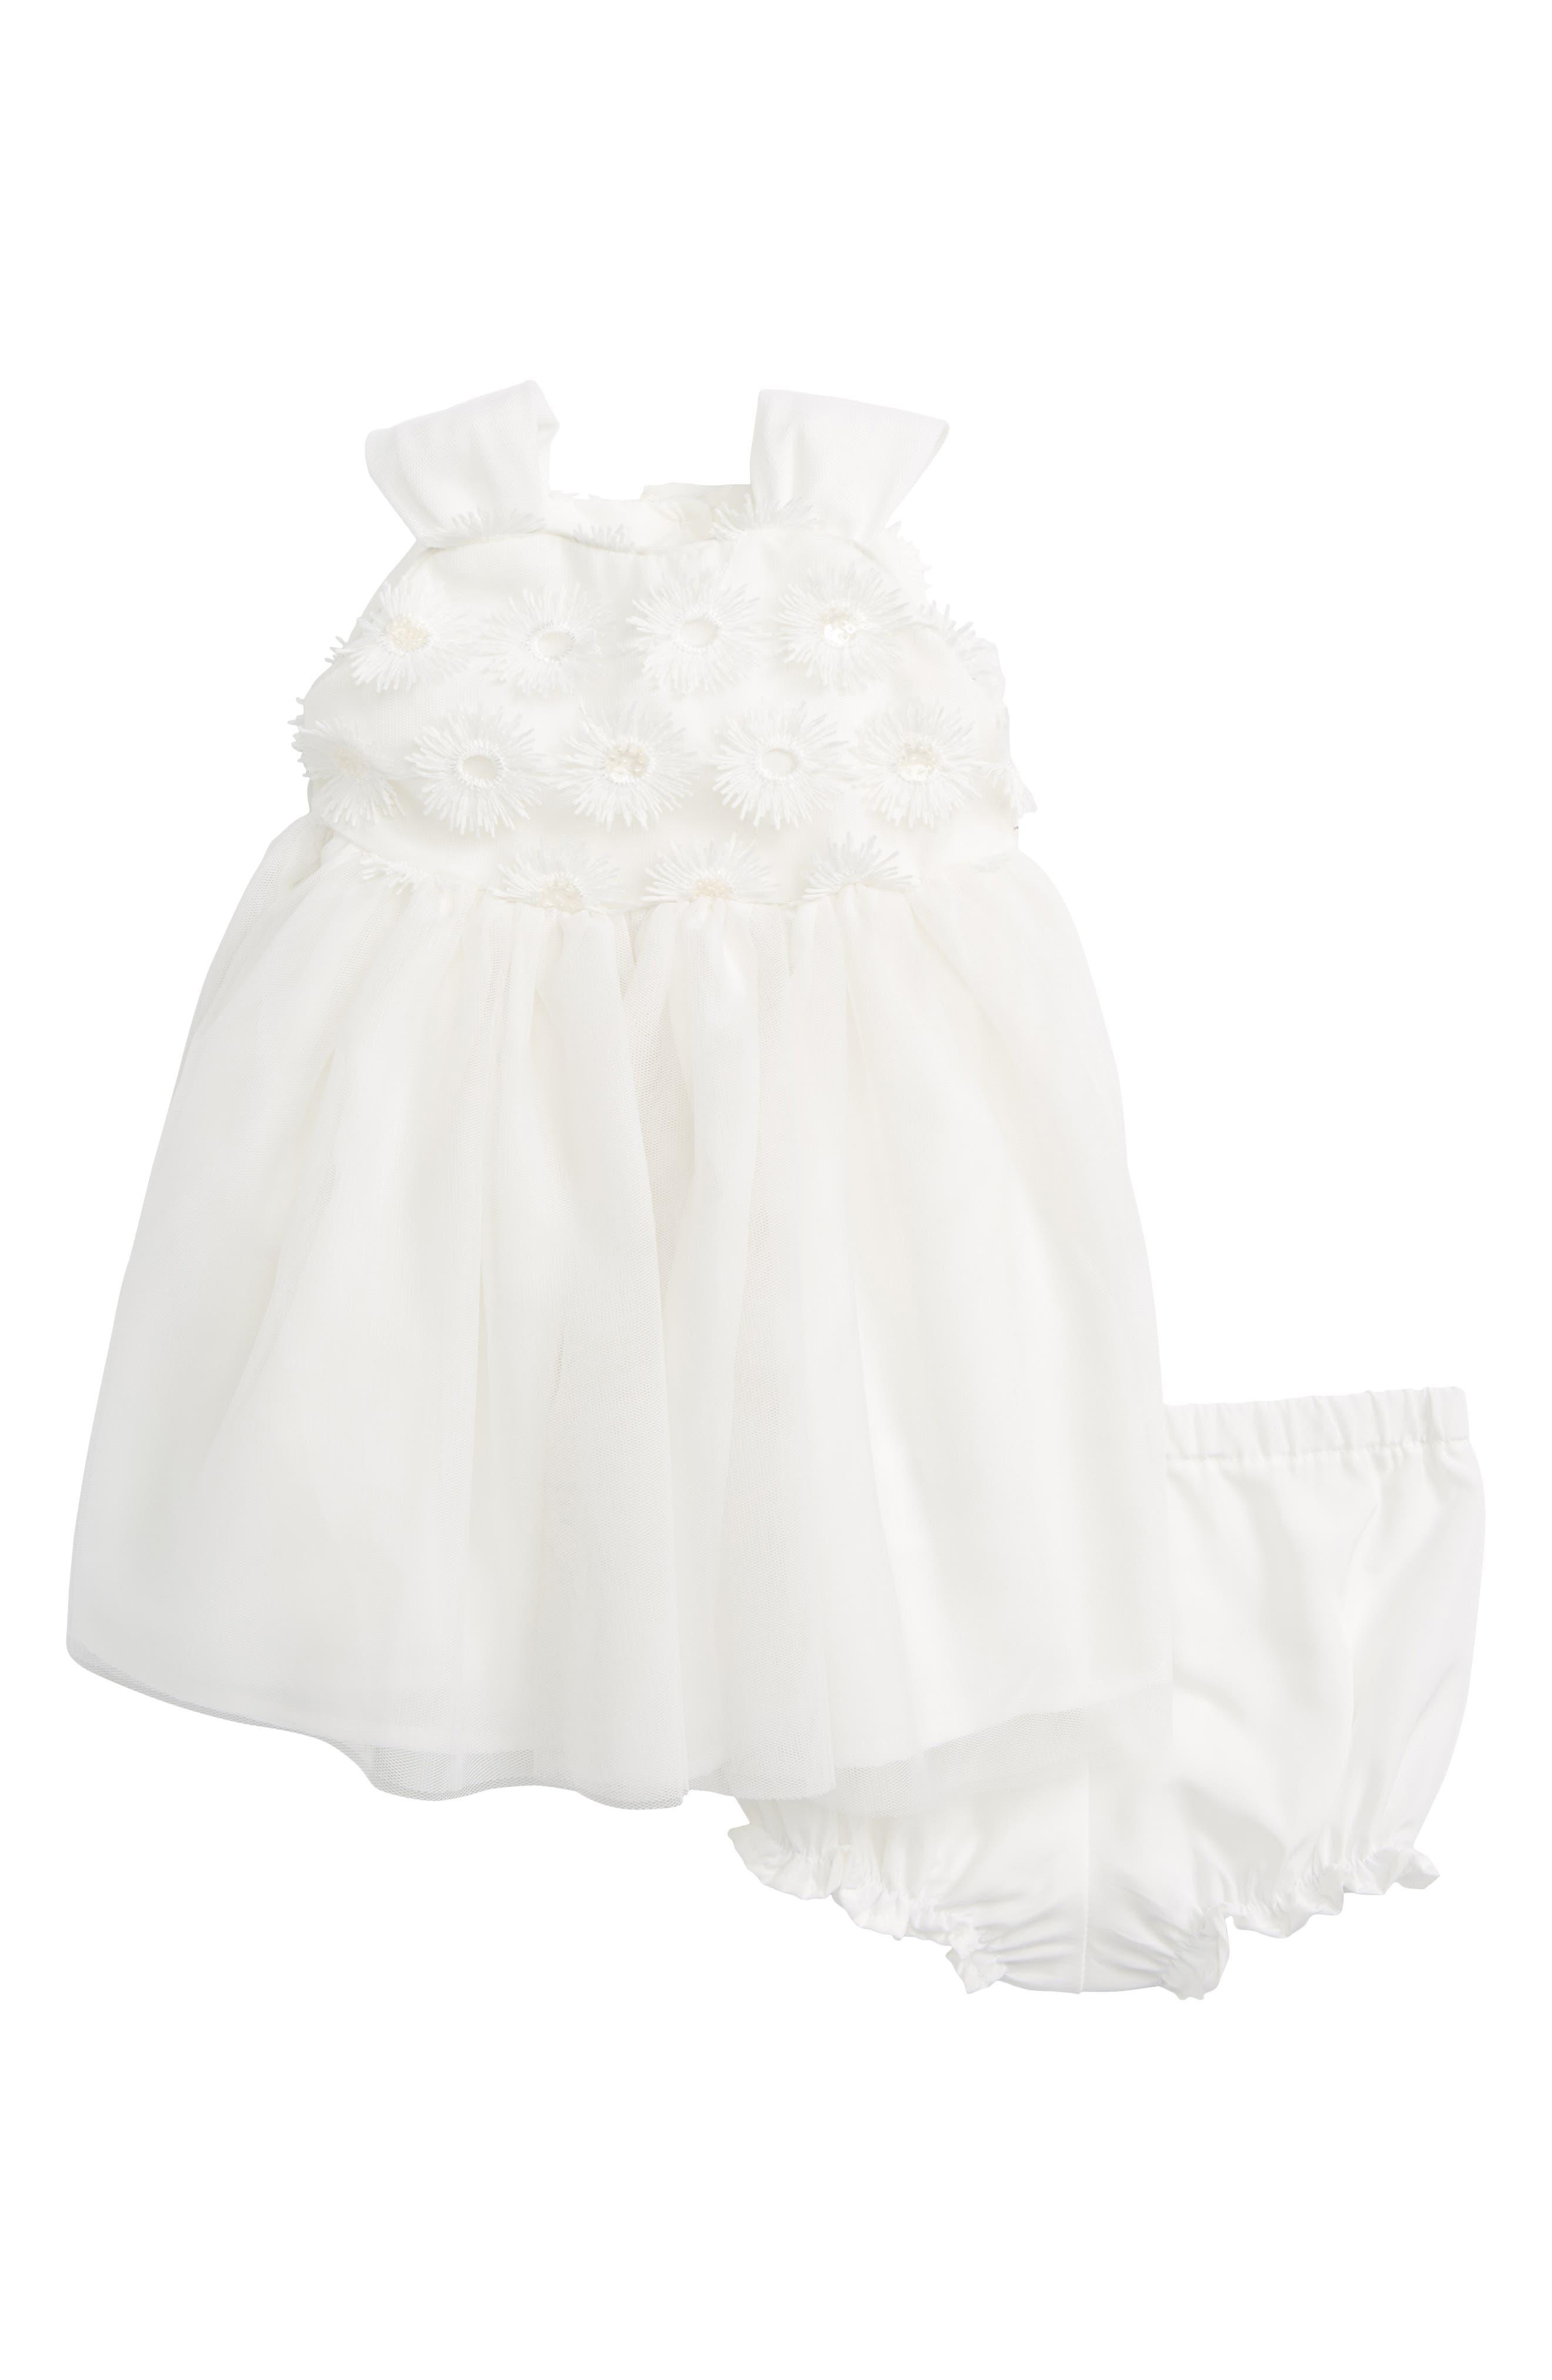 Daisy Sleeveless Dress,                         Main,                         color, 100